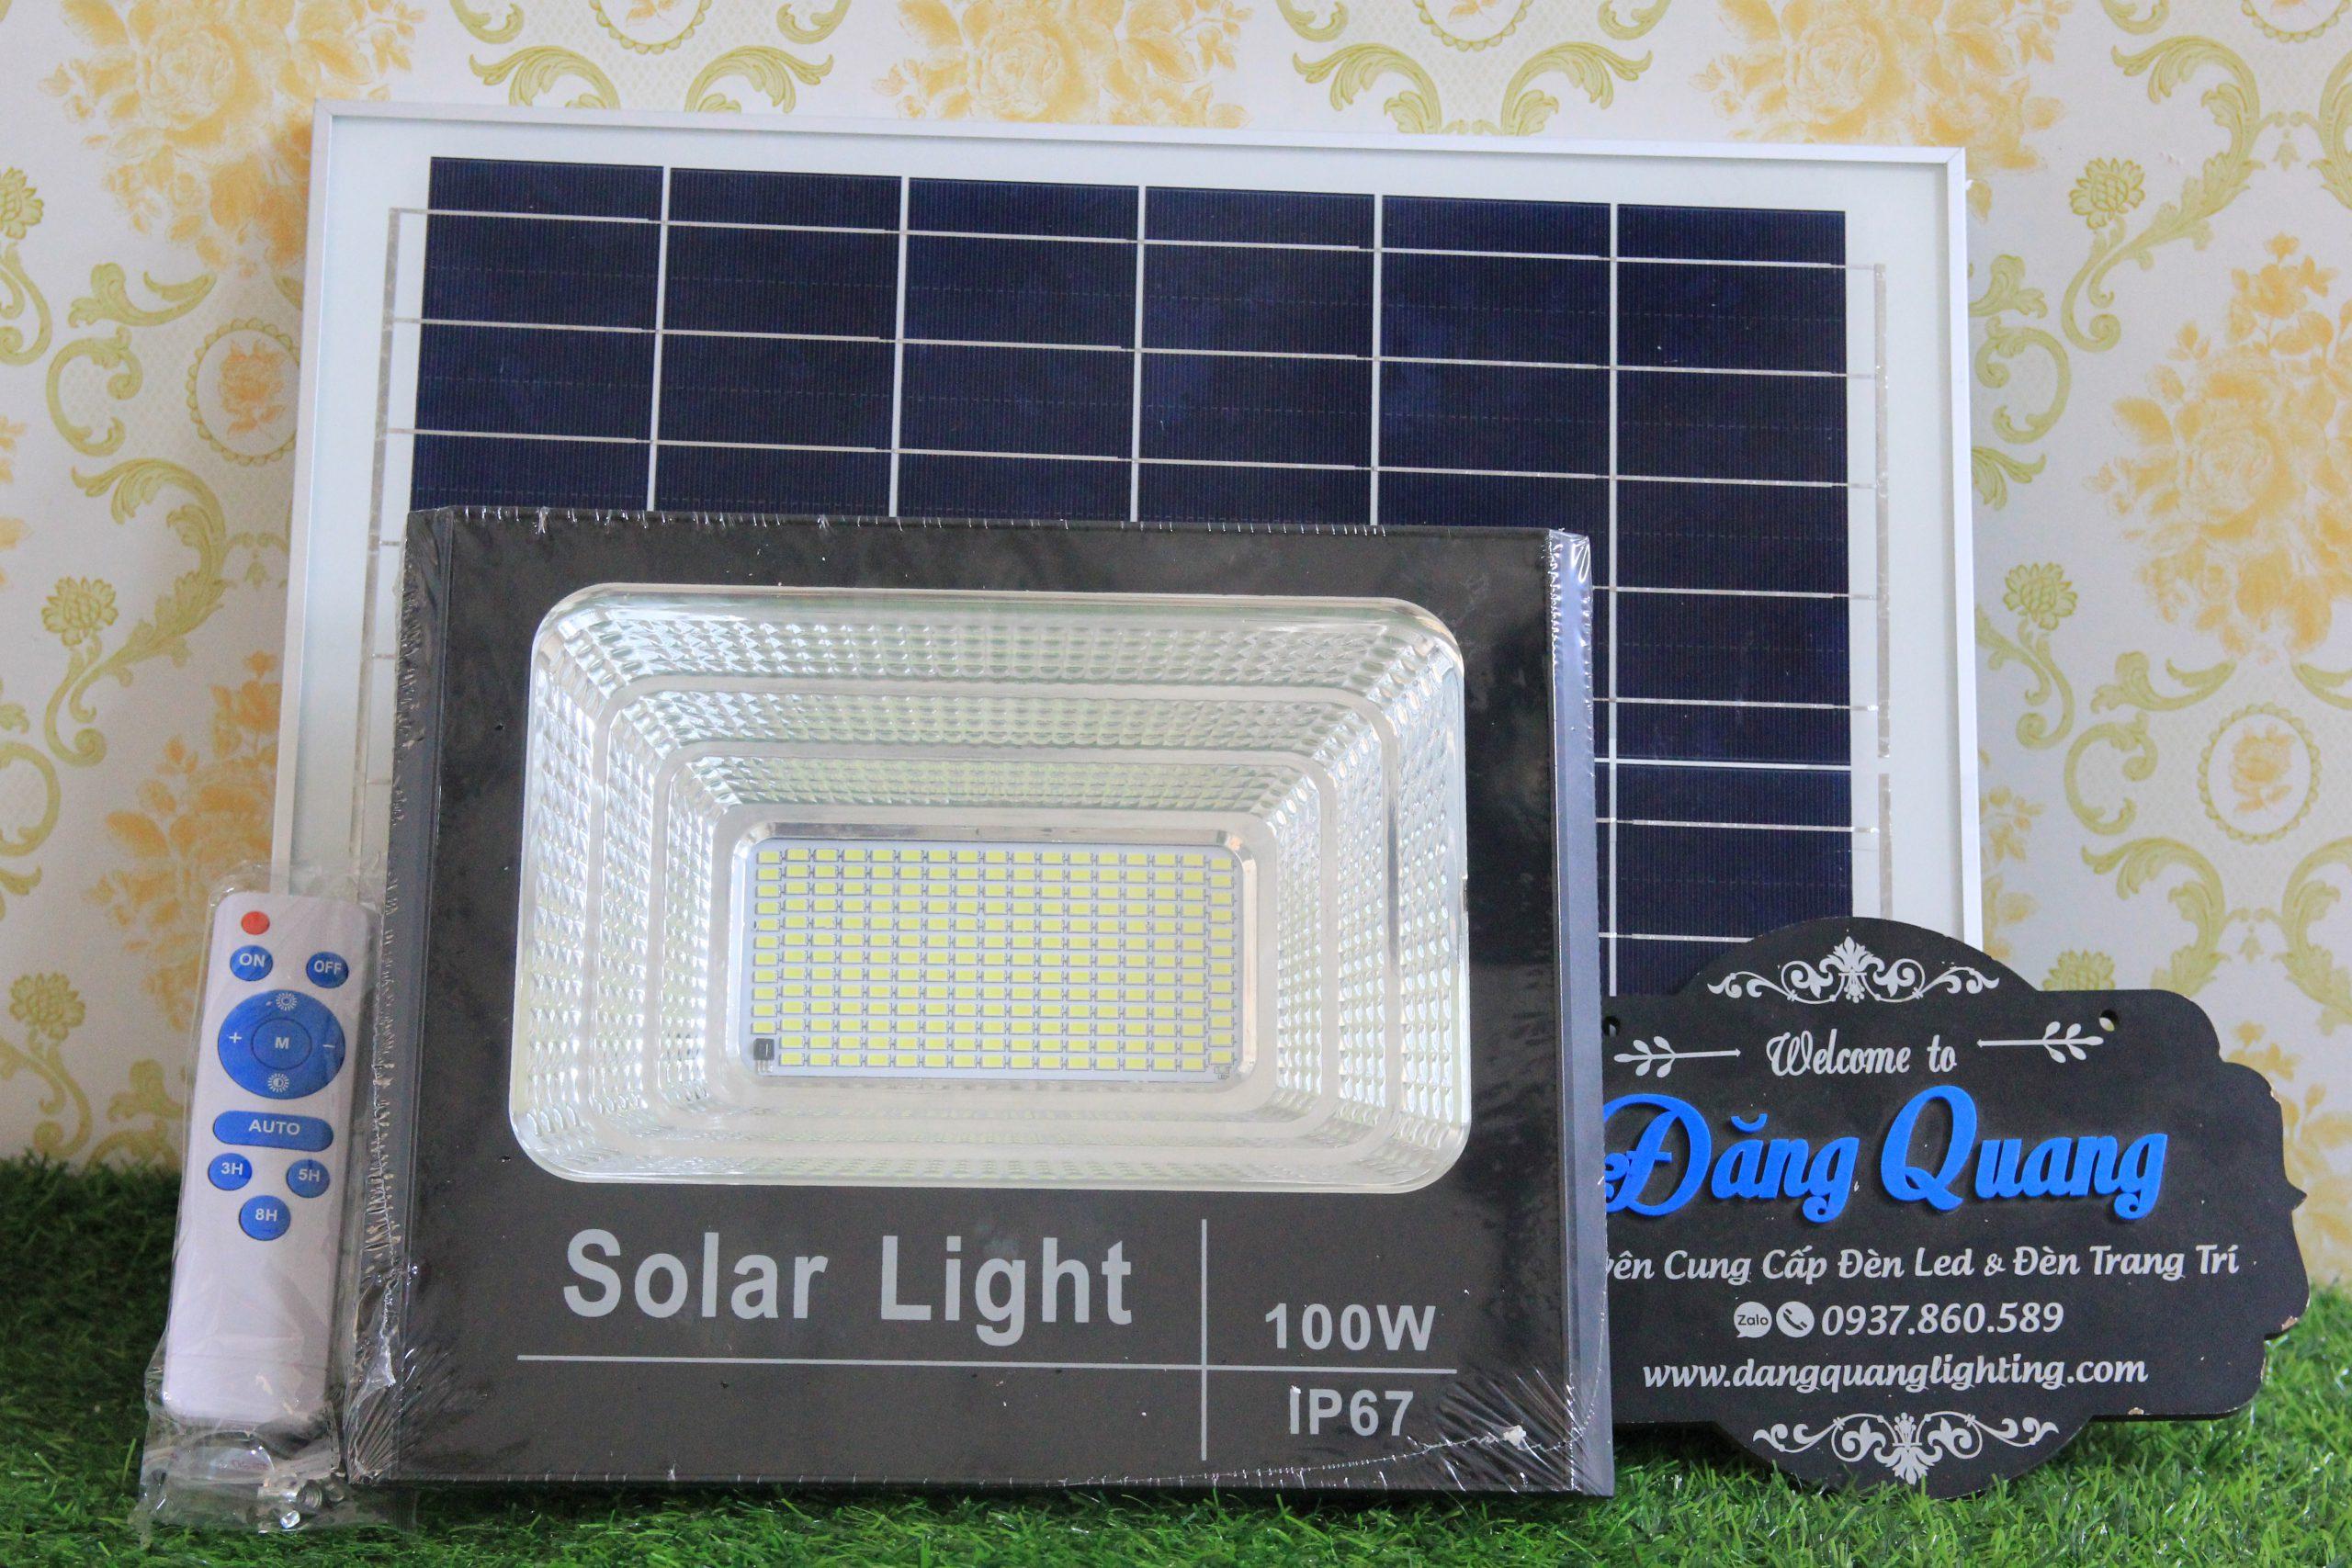 den pha nang luong mat troi 100W 3 scaled - Đèn pha năng lượng mặt trời 100W